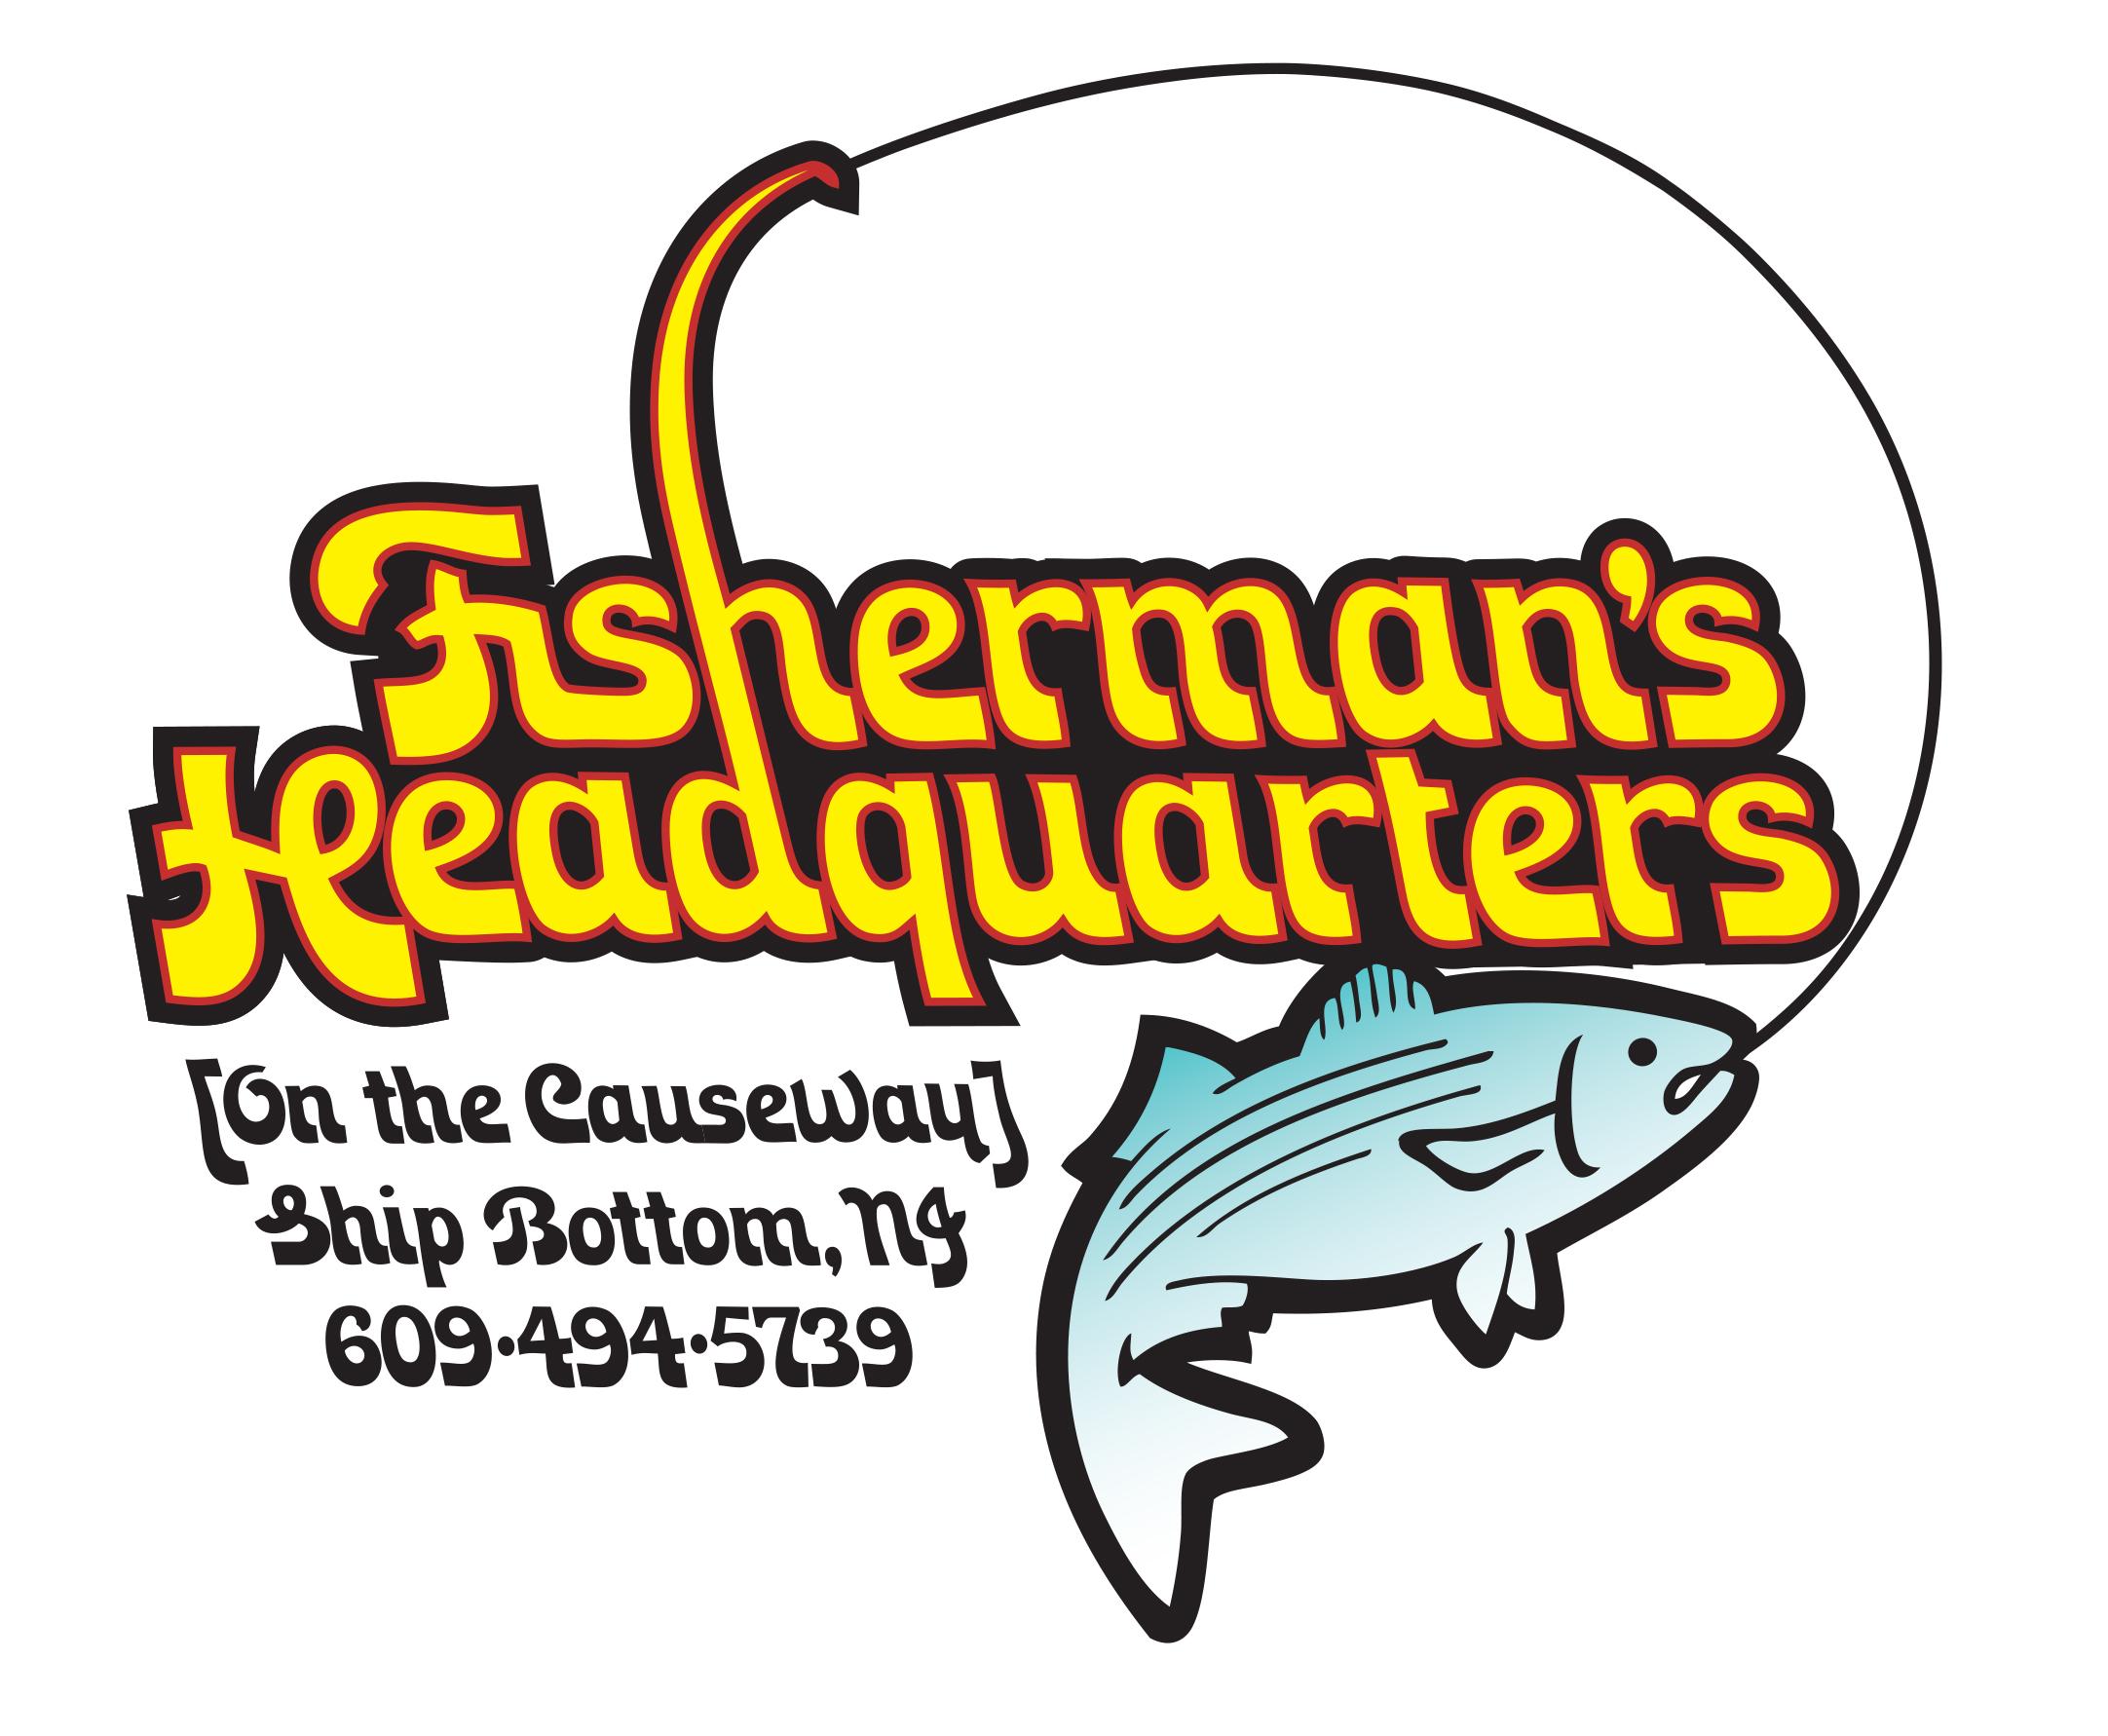 FishermansHq.jpg